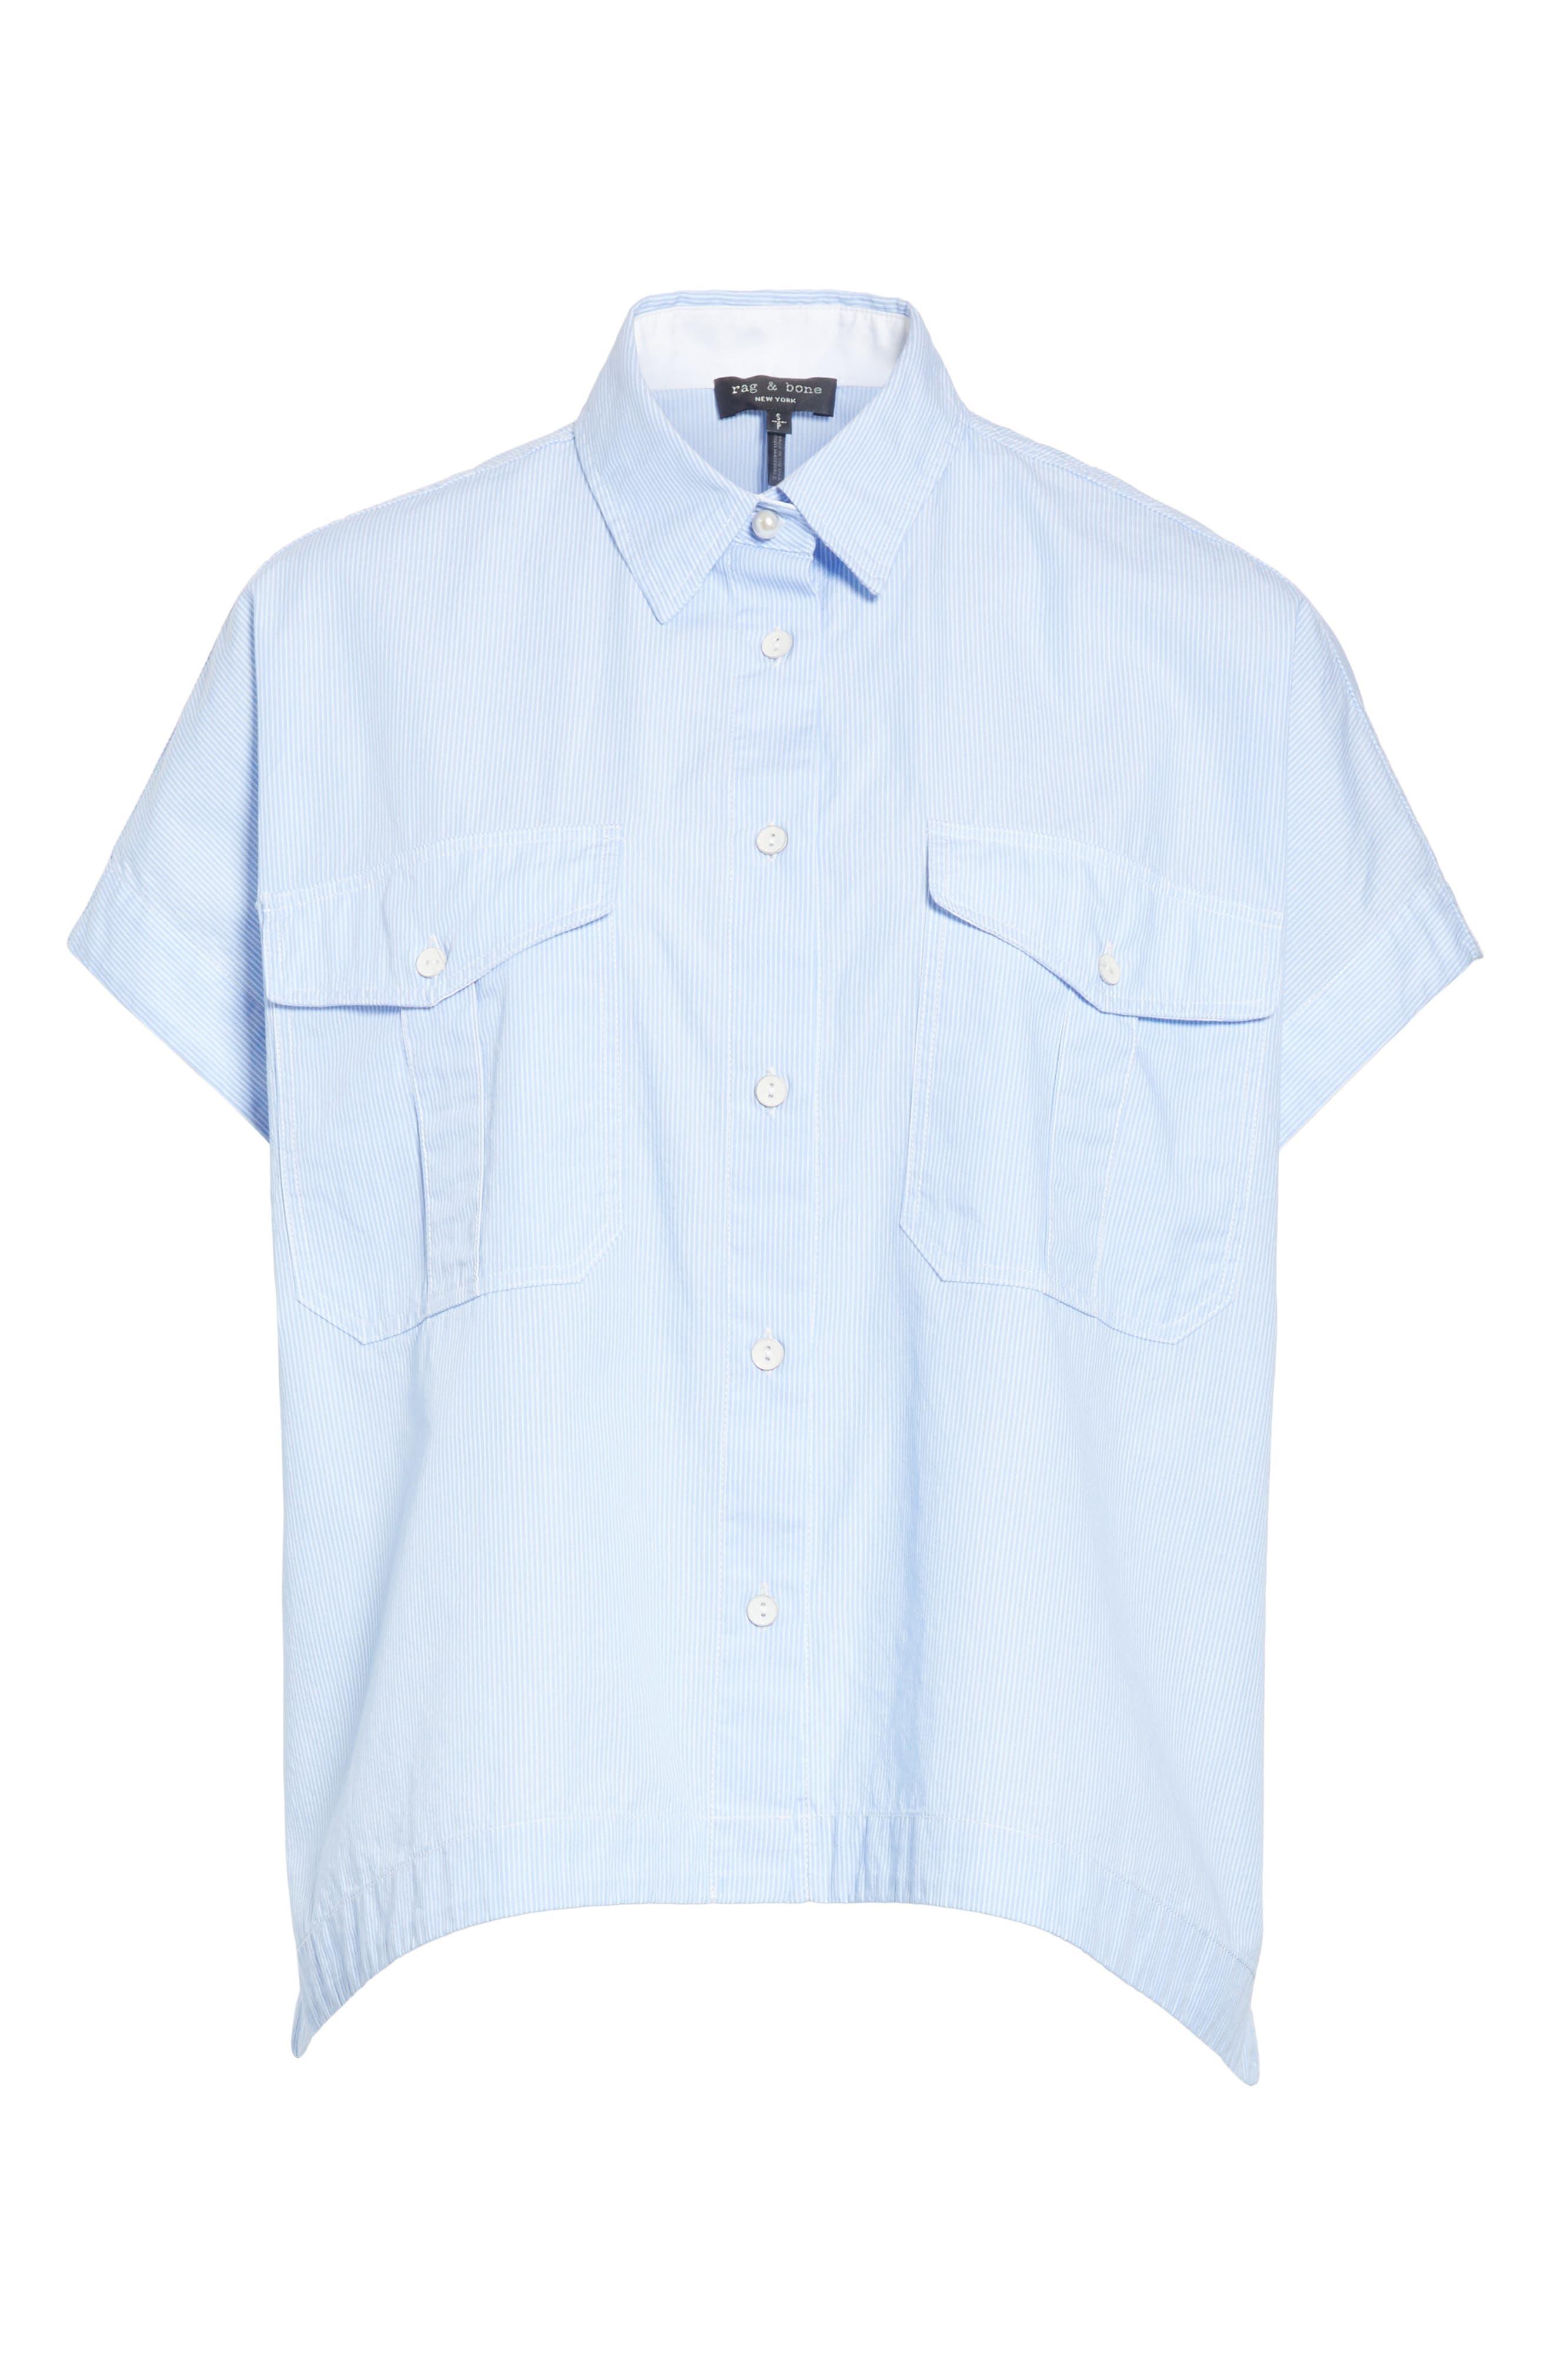 Pearson Shirt,                             Alternate thumbnail 6, color,                             Light Blue Multi